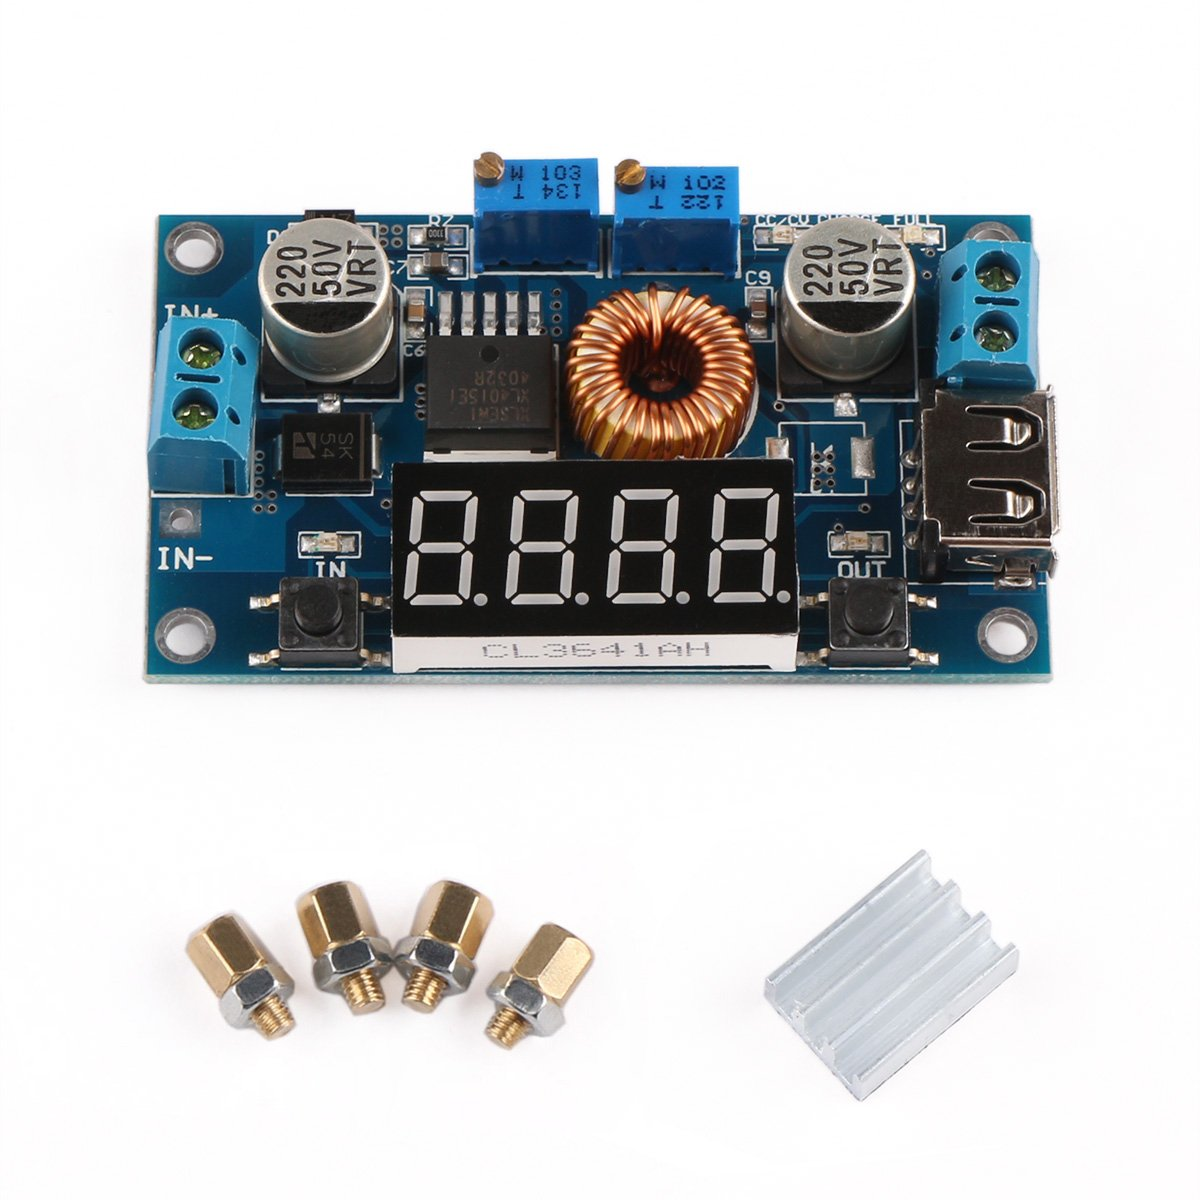 Drok 091013 Lm2596 Dc Buck Voltage Regulator 36v To 24v Adjustablecurrentlimitandoutputvoltage Powersupplycircuit 12v 5v 33v 3v Converters Constant Volt And Amp 5 125 32v 5a 75w Industrial